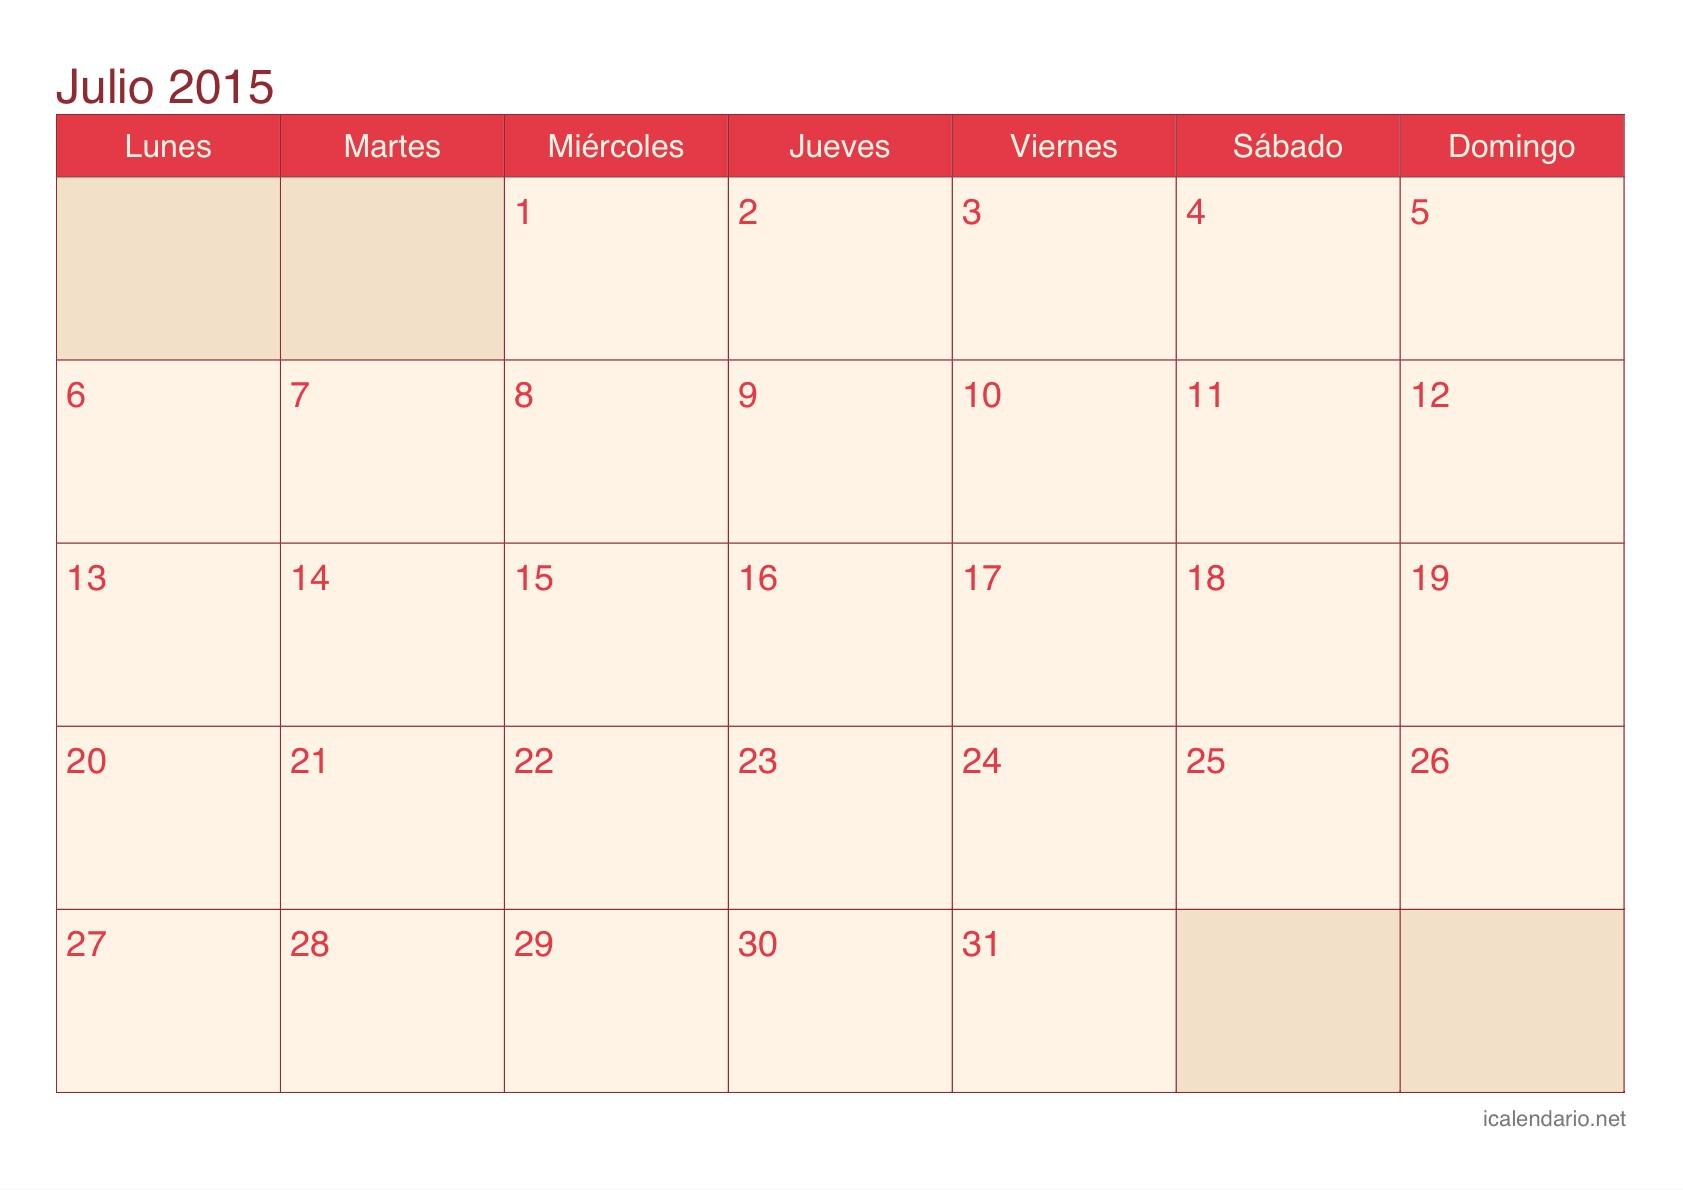 Calendario Para Imprimir 2017 Venezuela Mejores Y Más Novedosos Calendario Julio 2015 Calendario Julio 2015 Elhc Pescaalcurrican Of Calendario Para Imprimir 2017 Venezuela Mejores Y Más Novedosos Sunavi